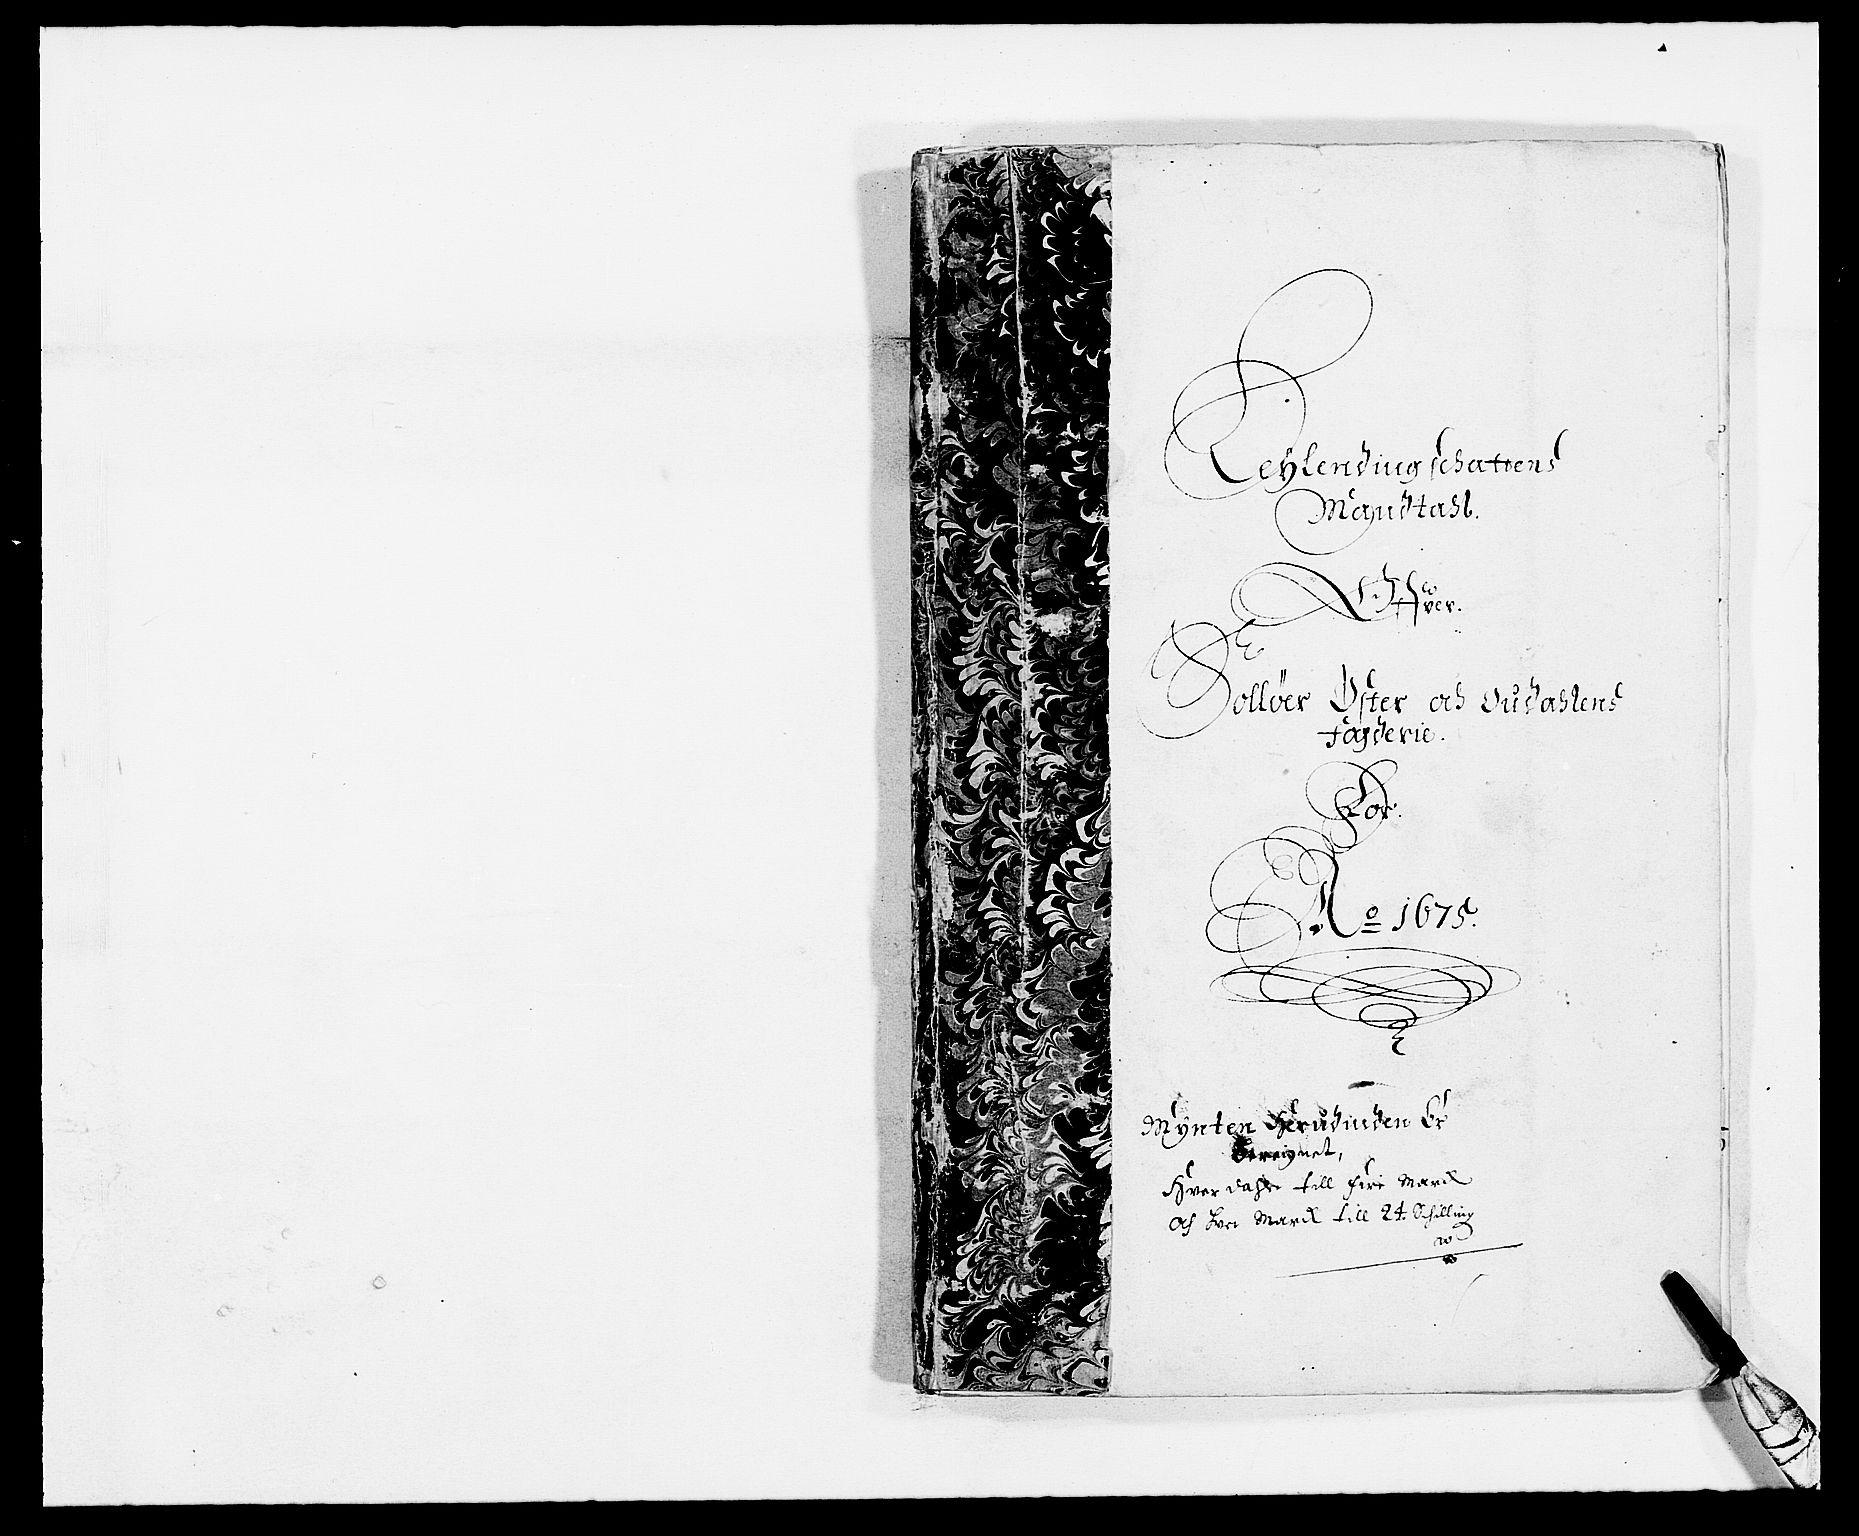 RA, Rentekammeret inntil 1814, Reviderte regnskaper, Fogderegnskap, R13/L0810: Fogderegnskap Solør, Odal og Østerdal, 1675, s. 192